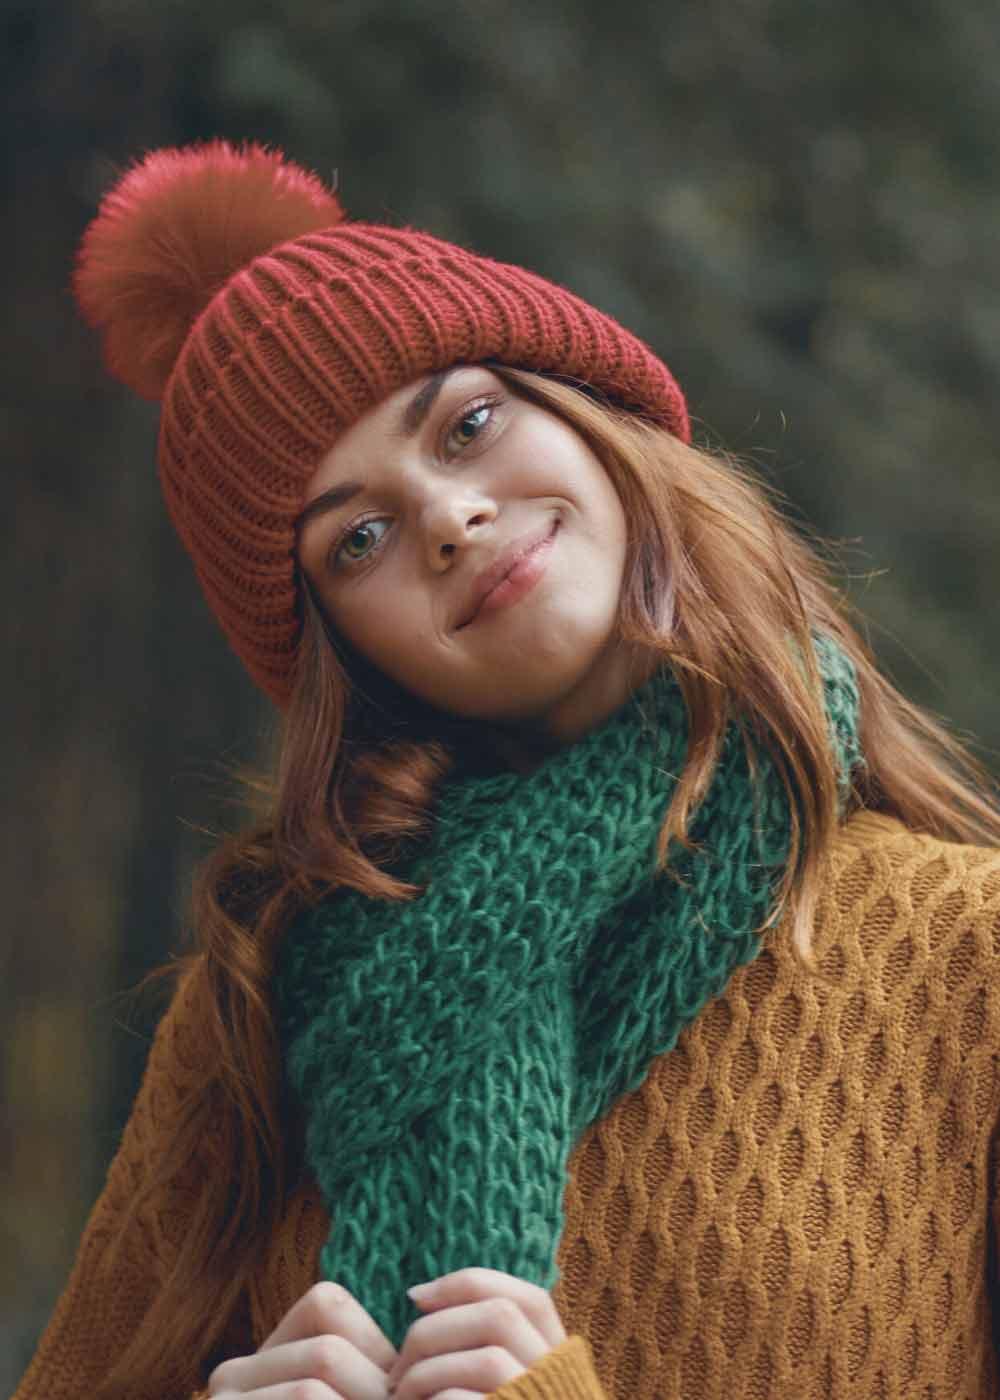 Frau mit Schal und Mütze traegt Accessoires